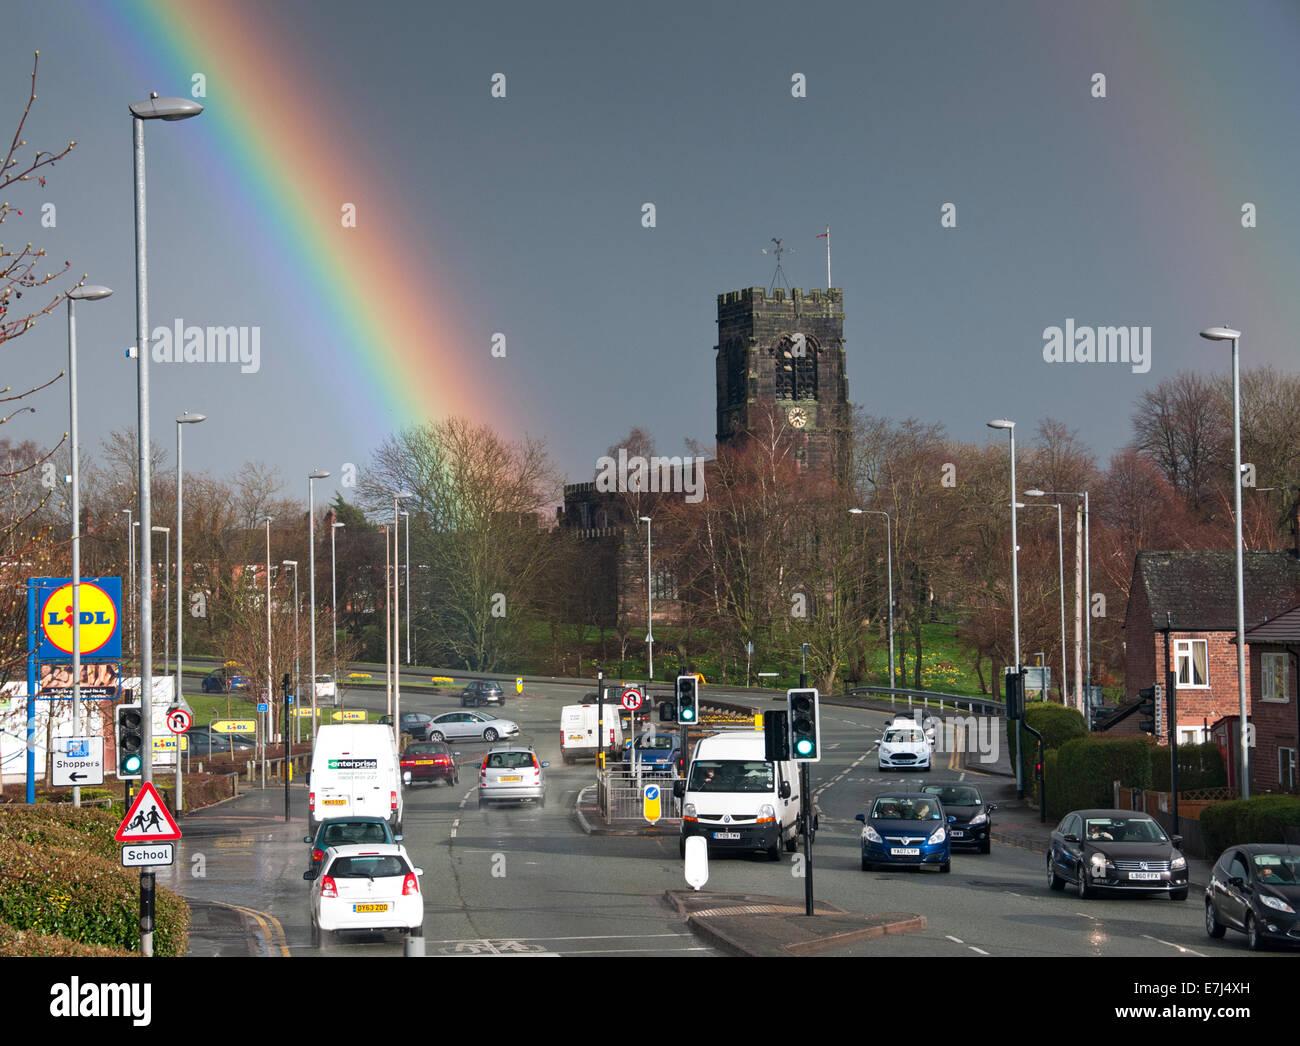 Intense Rainbow Over Northwich Parish Church, Northwich, Cheshire, England, UK - Stock Image